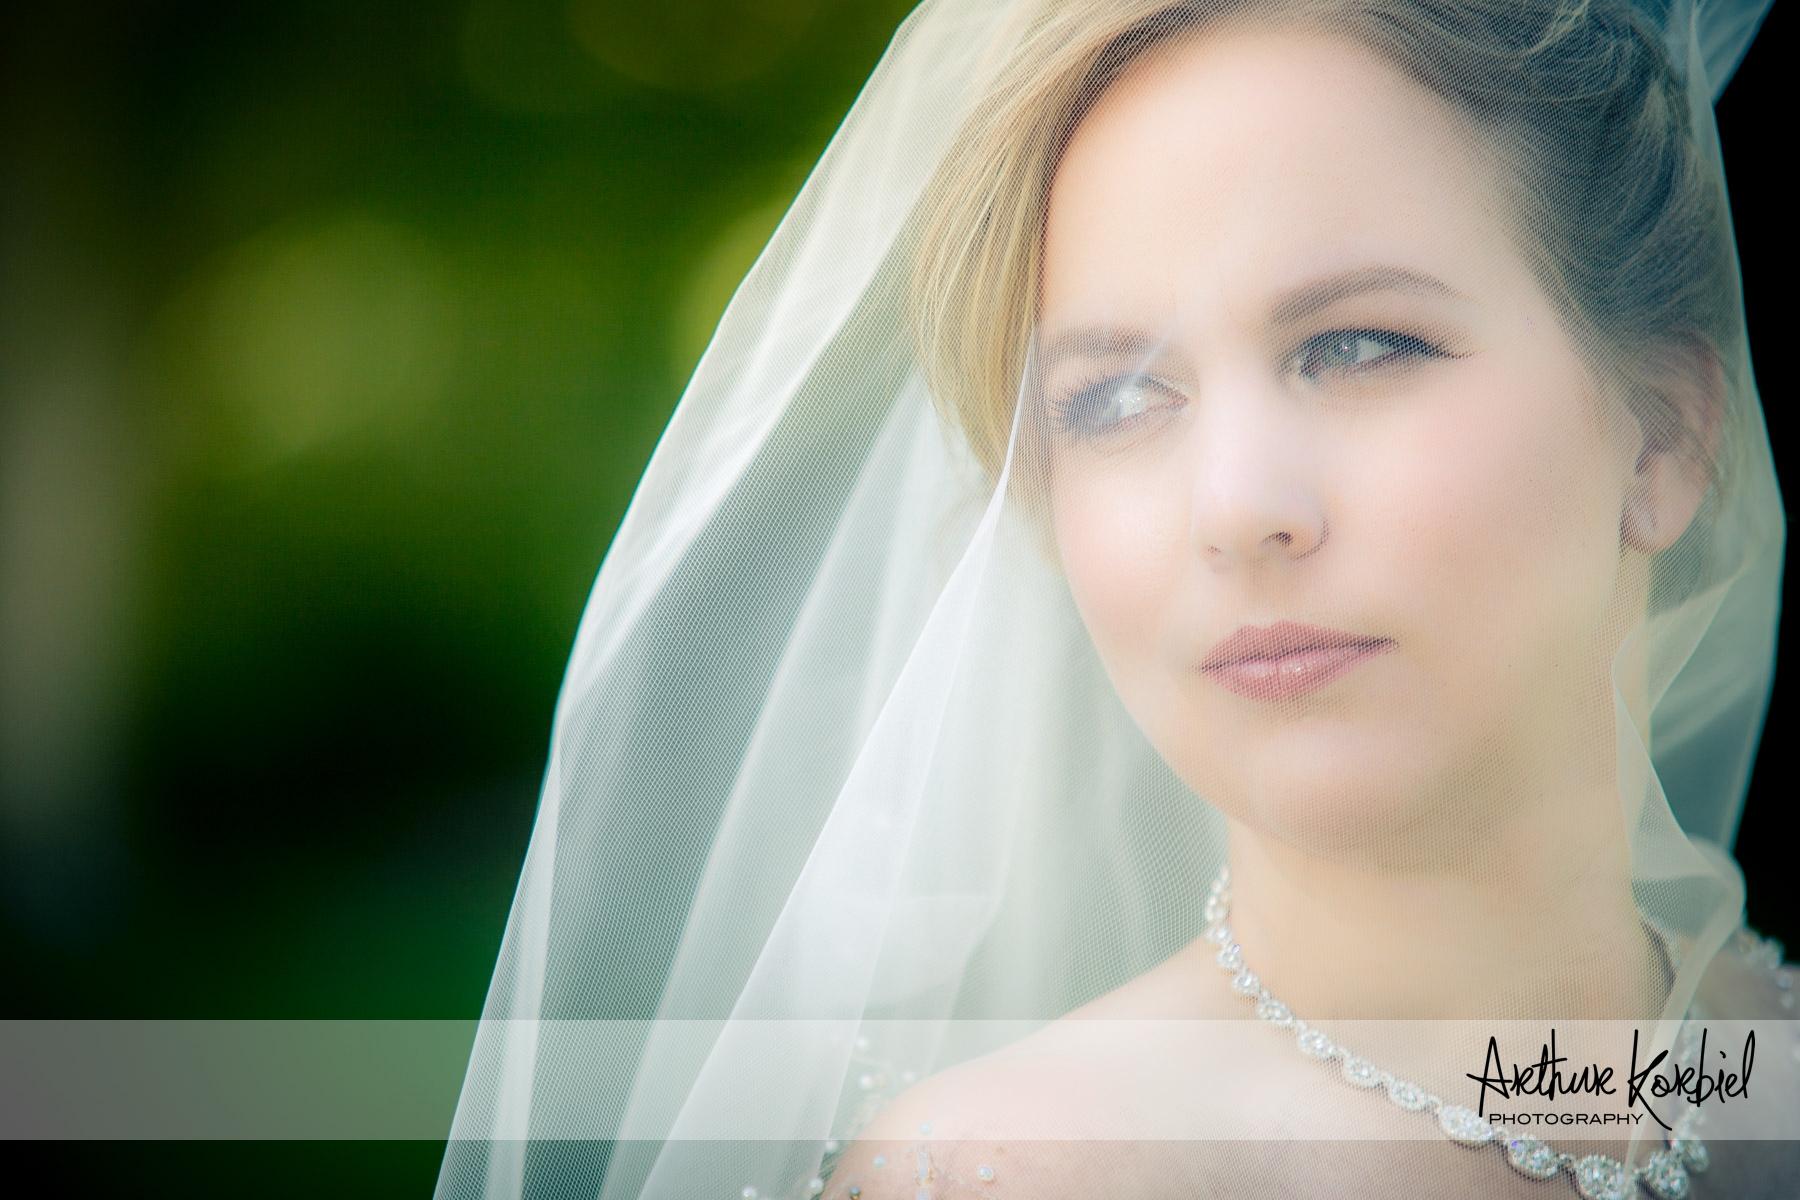 Arthur Korbiel Photography - London Wedding Photographer-009.jpg